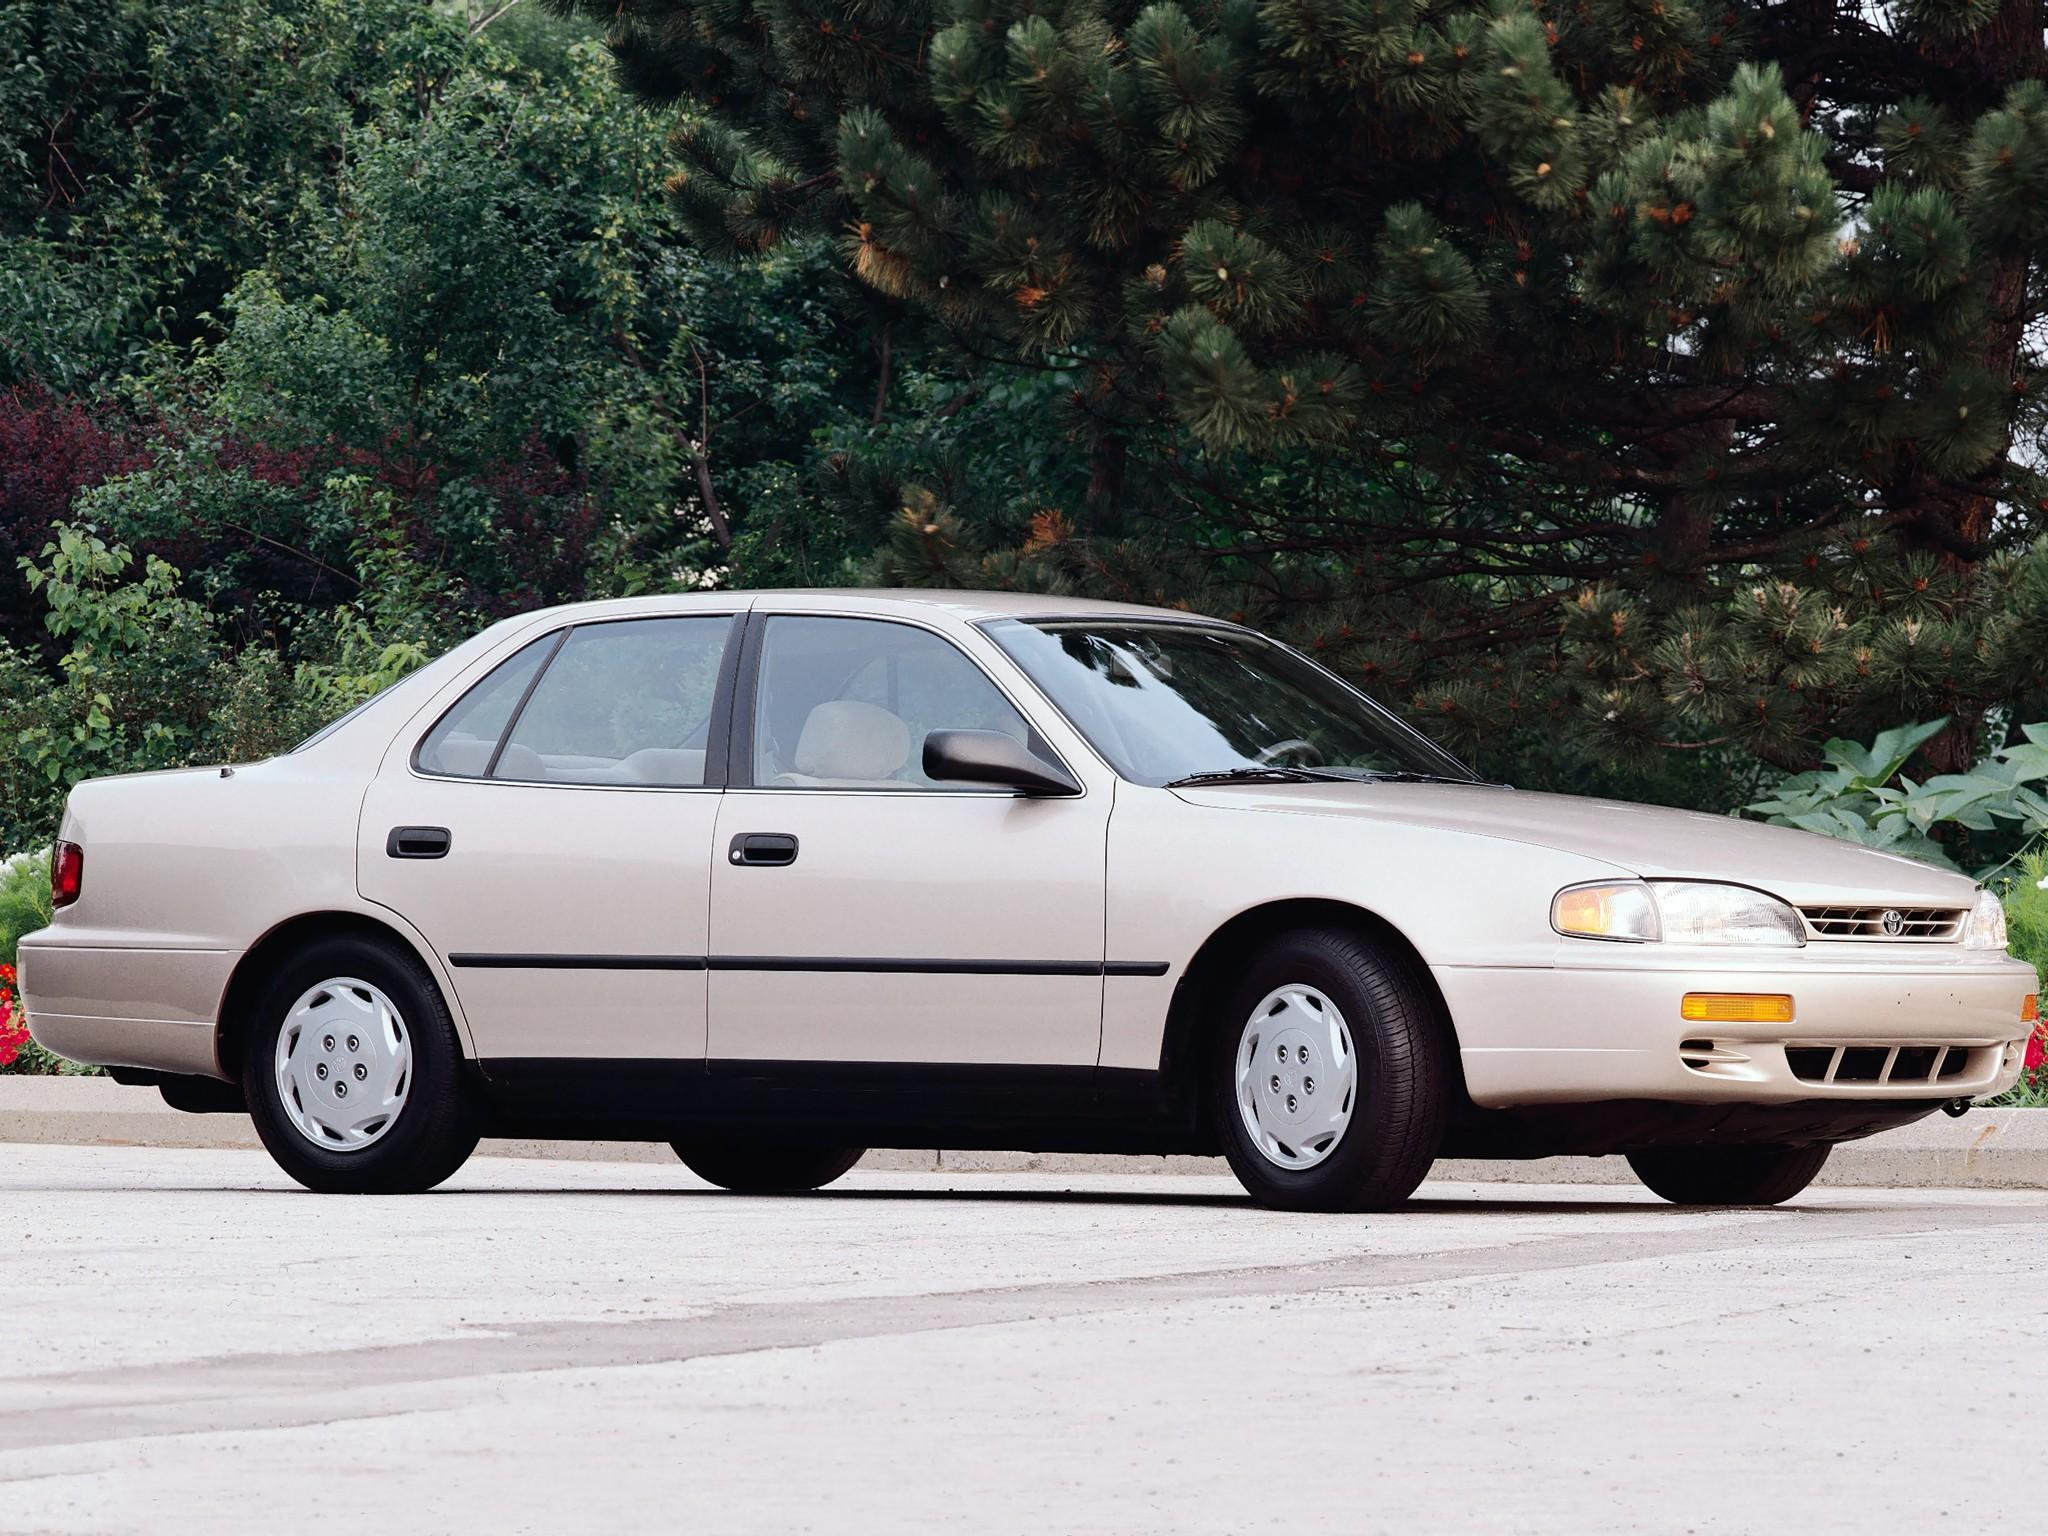 Toyota Camry Specs Amp Photos 1991 1992 1993 1994 1995